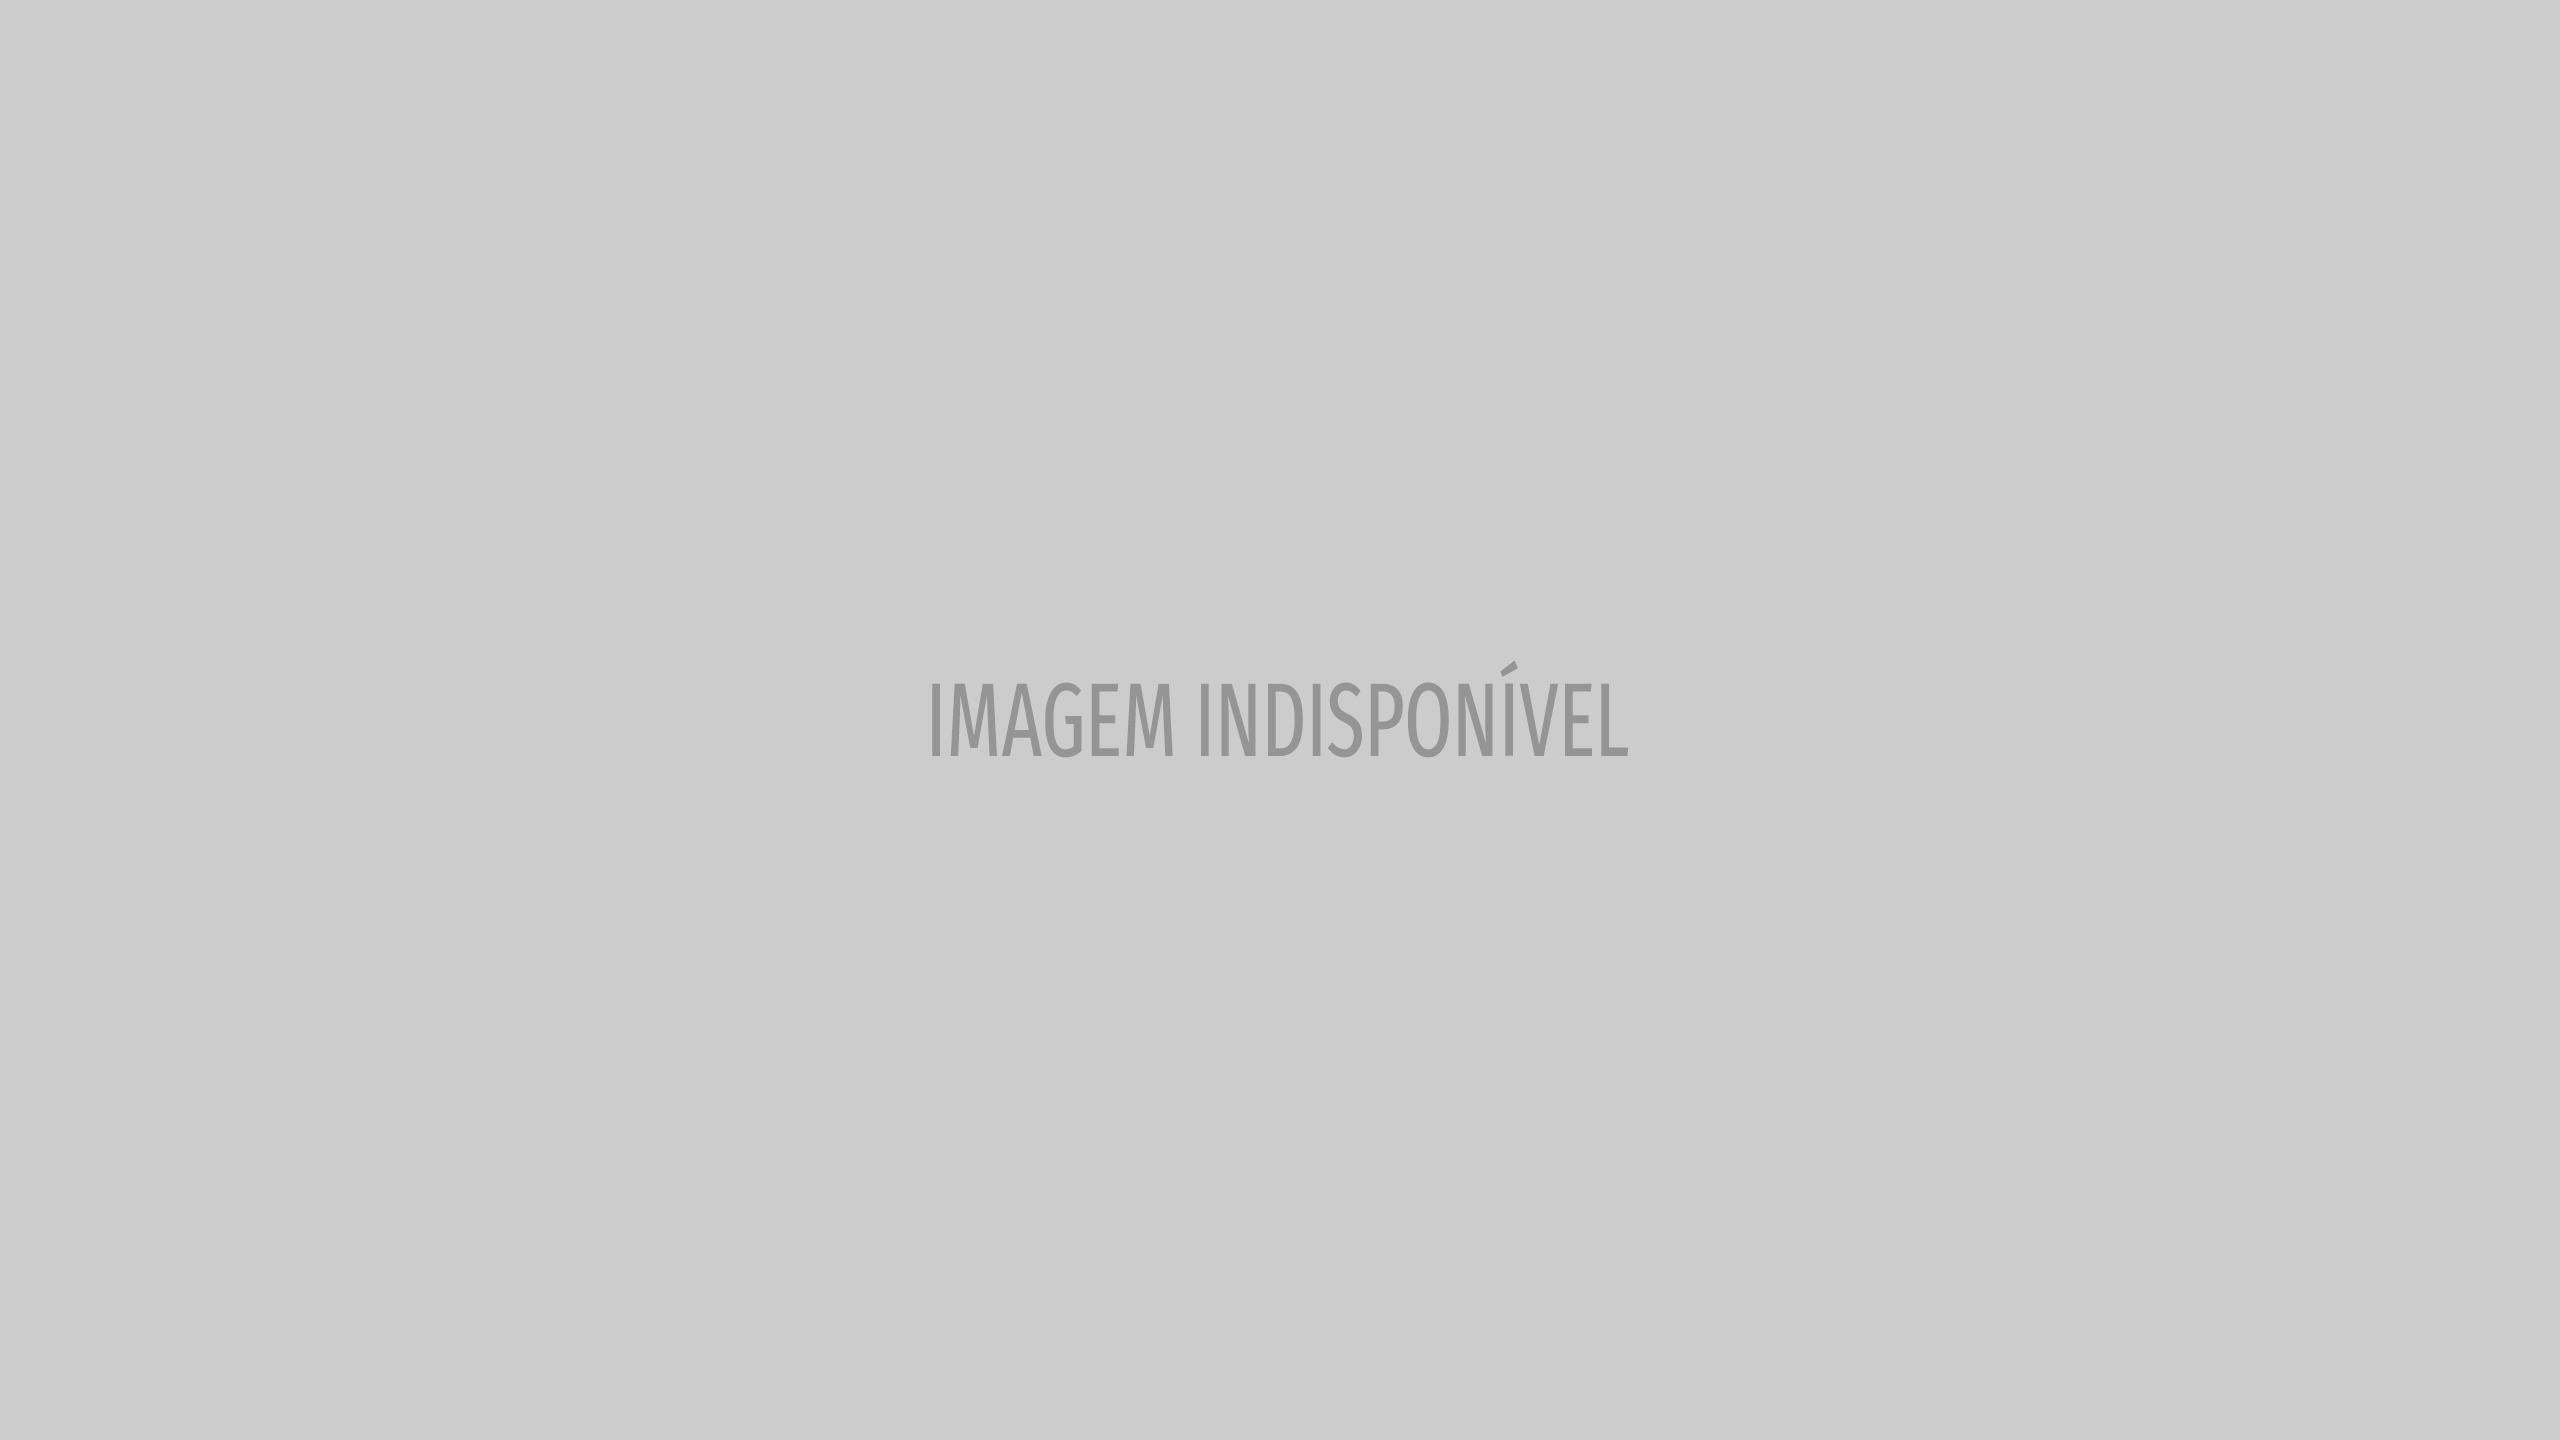 Confira as placas de banheiro mais engraçadas do mundo